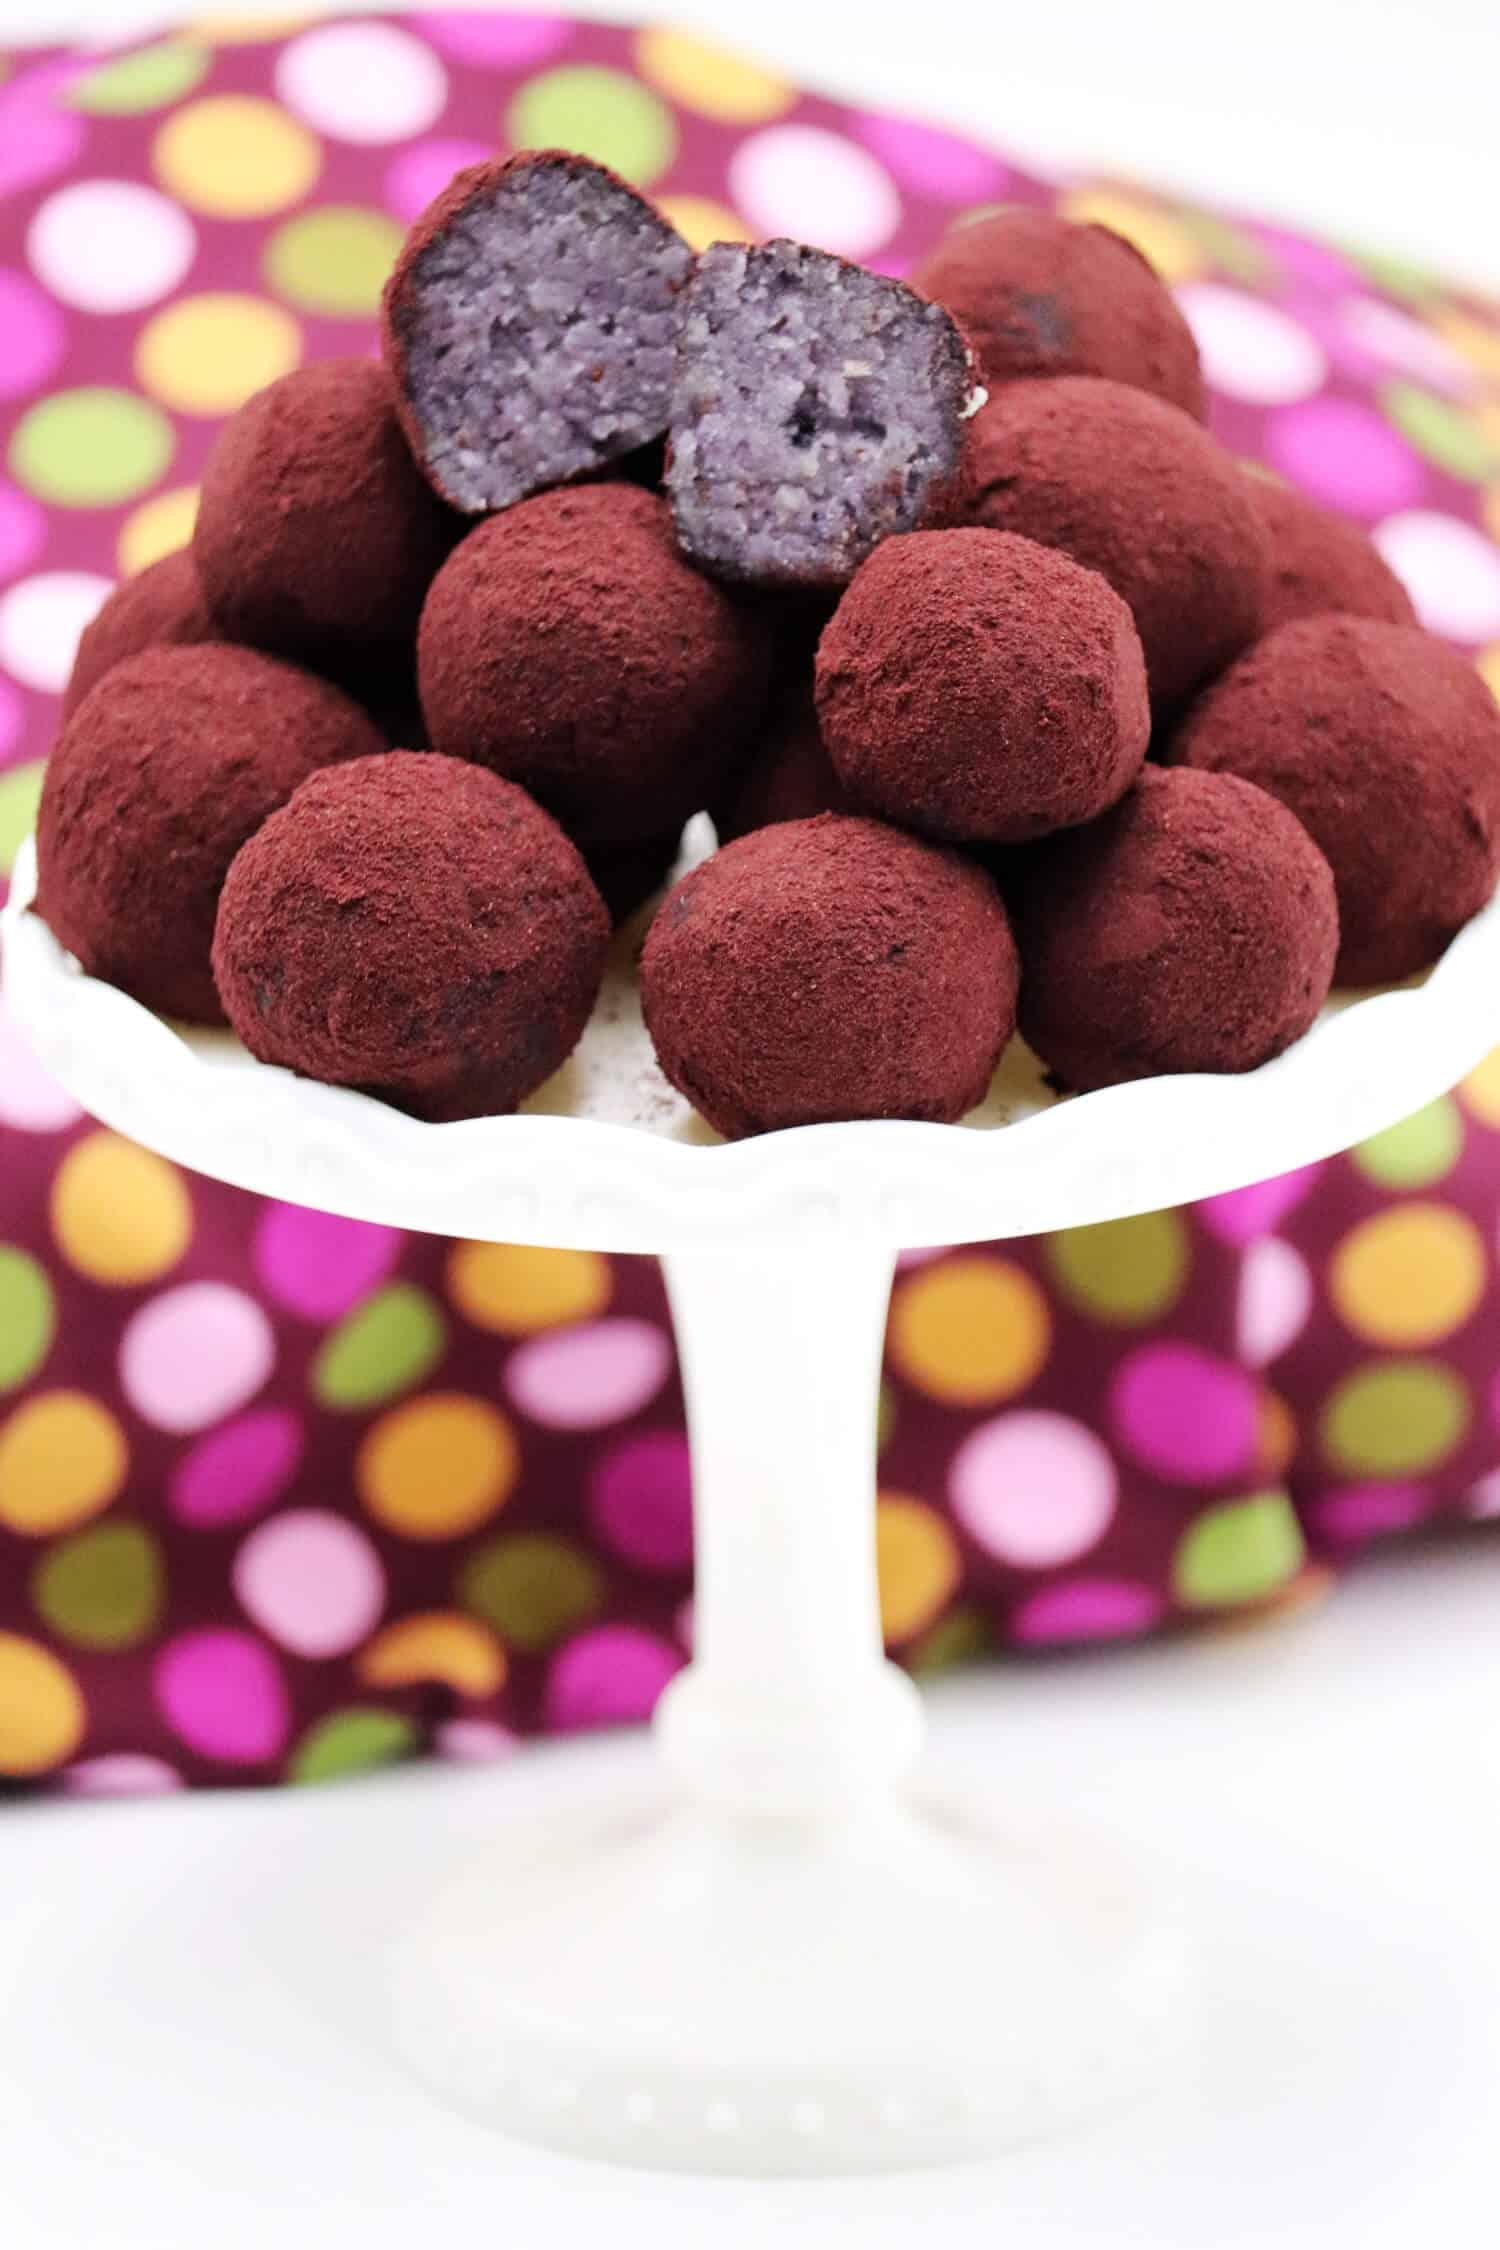 Diese süßen Low Carb Frischkäse Pralinen werden aus der einfachen Kombination von Beeren, Frischkäse, Mandeln und Aronia Pulver hergestellt.